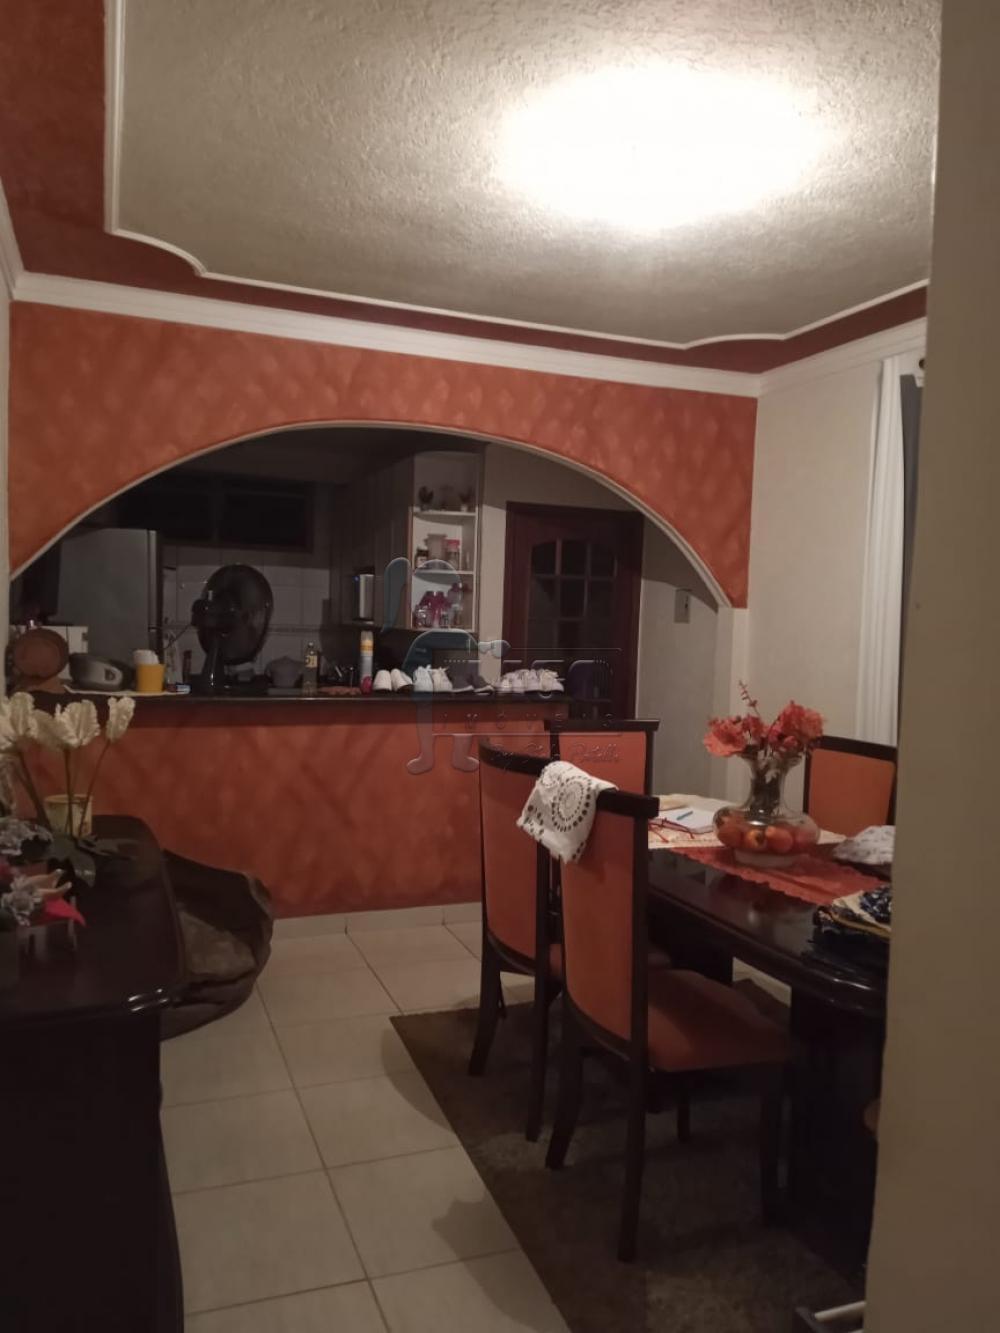 Comprar Casas / Padrão em Ribeirão Preto R$ 265.000,00 - Foto 3